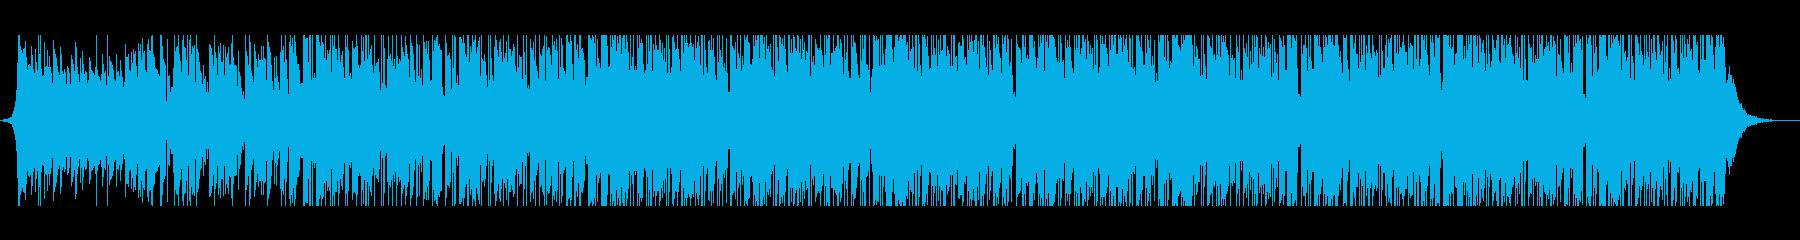 幸せなラマダンの再生済みの波形